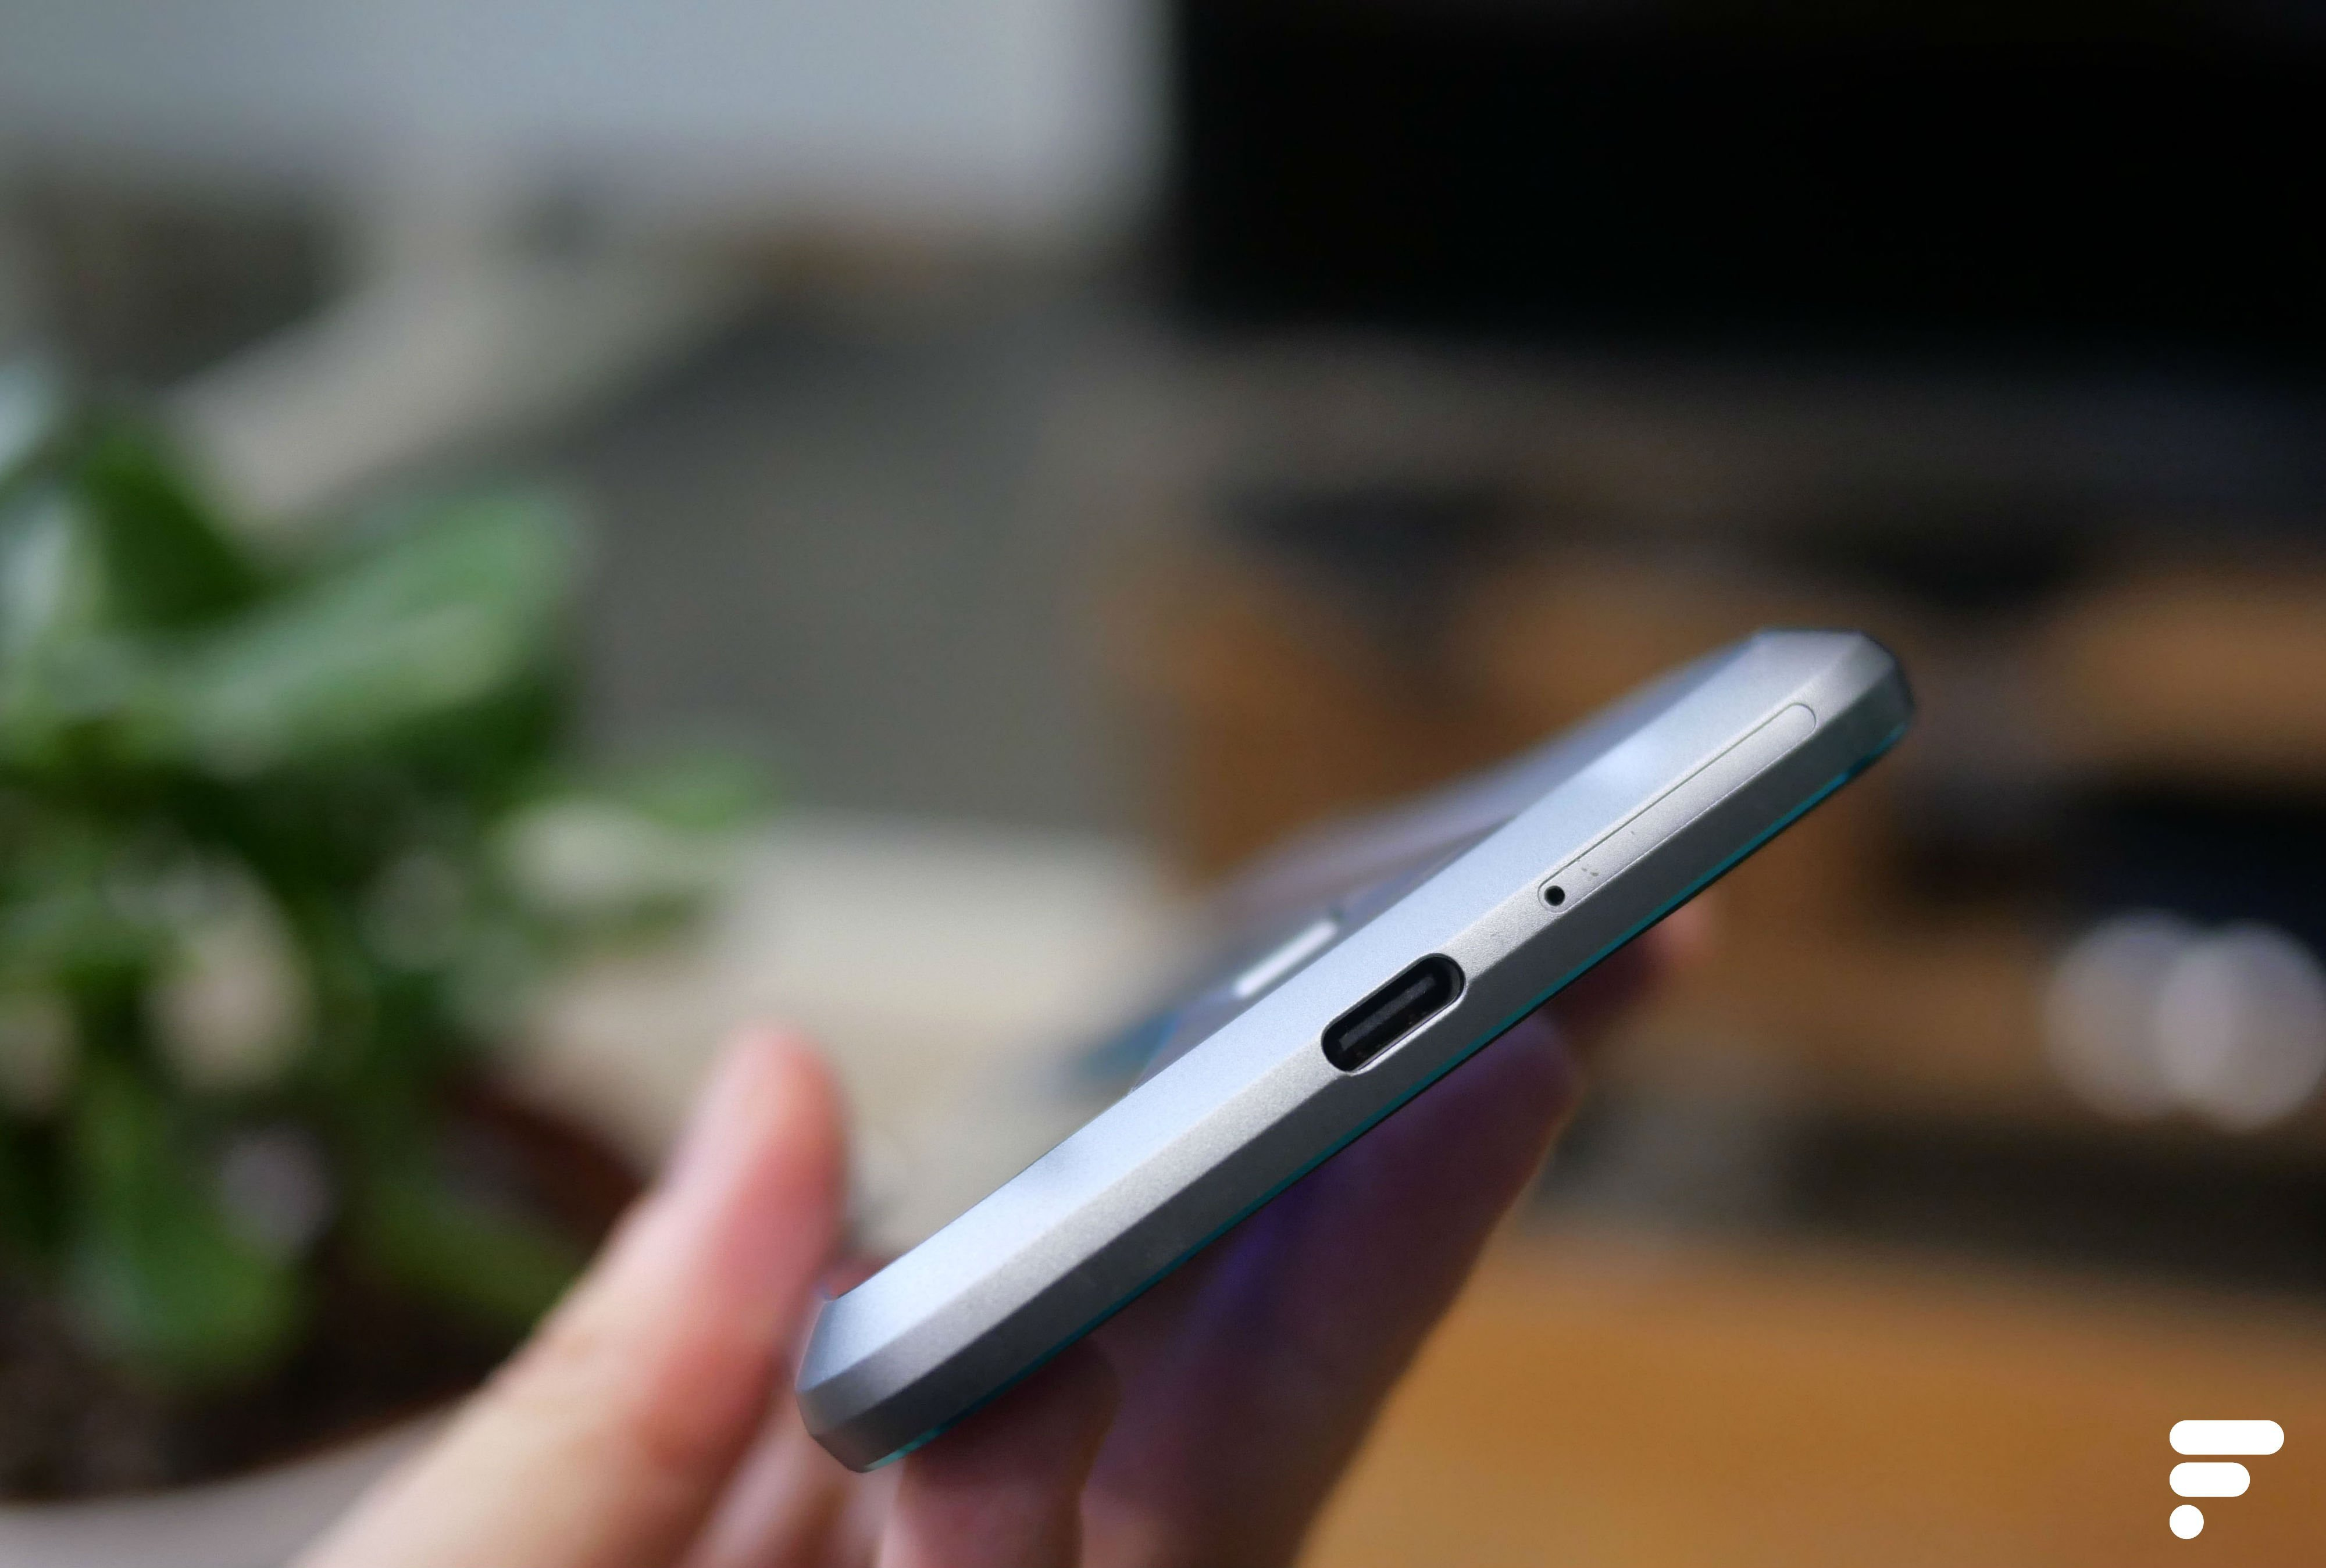 Faire de l'USB Type-C un standard universel? L'Europe doit se prononcer «prochainement»